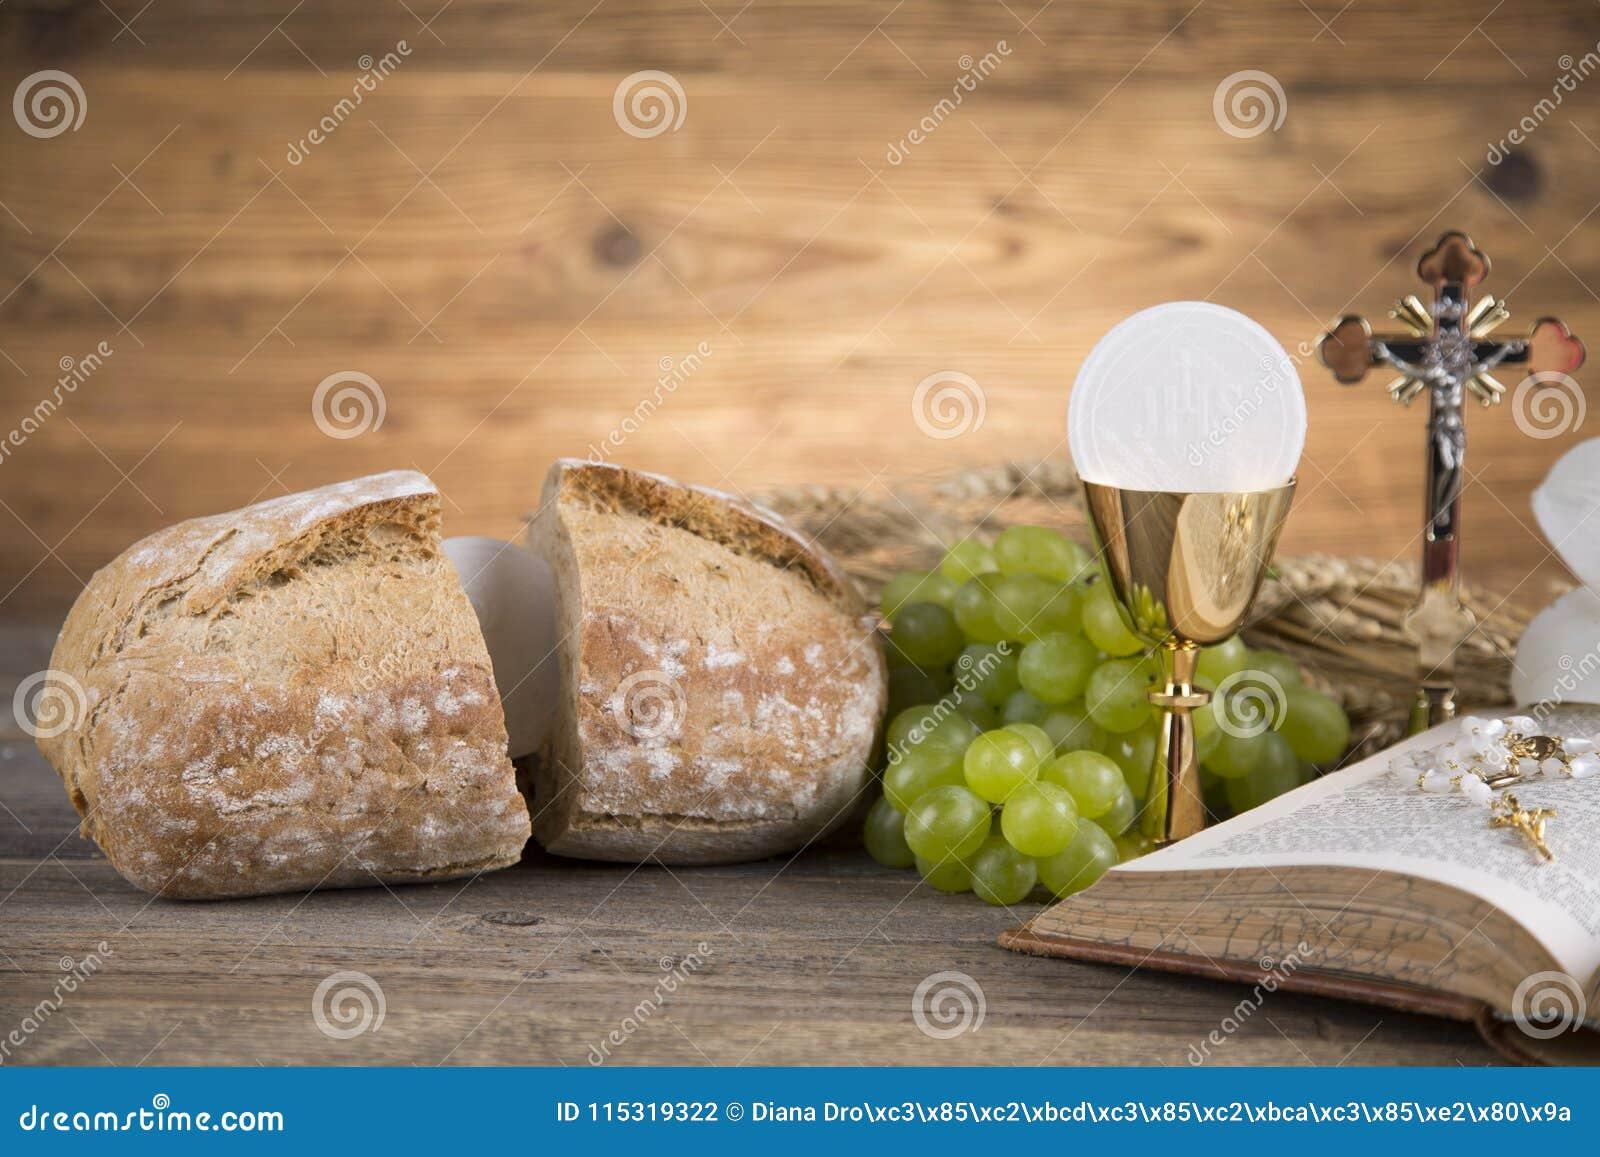 Símbolo de la eucaristía del pan y del vino, cáliz y anfitrión, primer comm